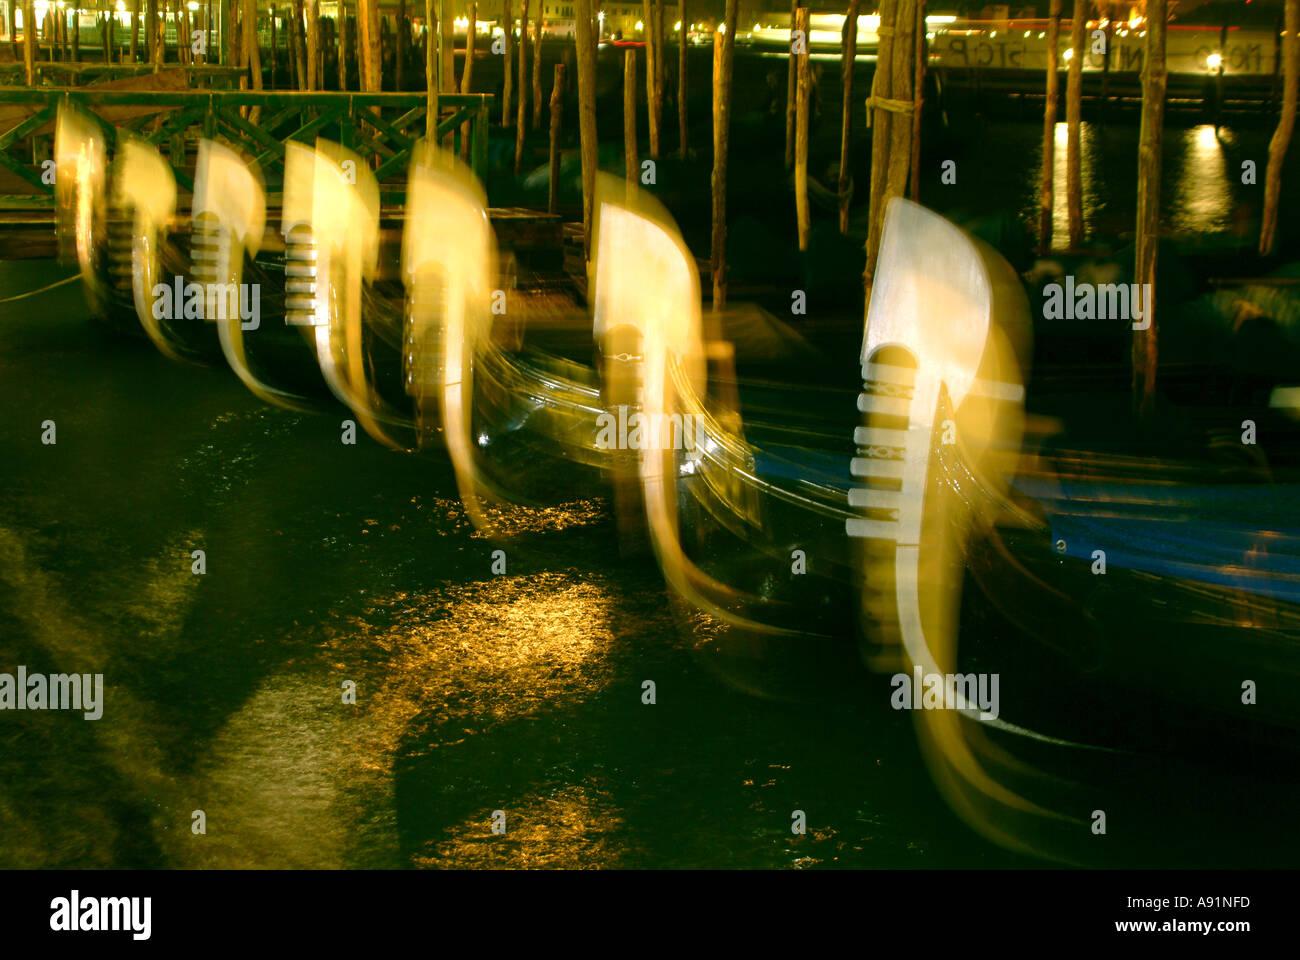 gondolas on canale grande at night Gondeln im Hafen bei Nacht in Venedig - Stock Image